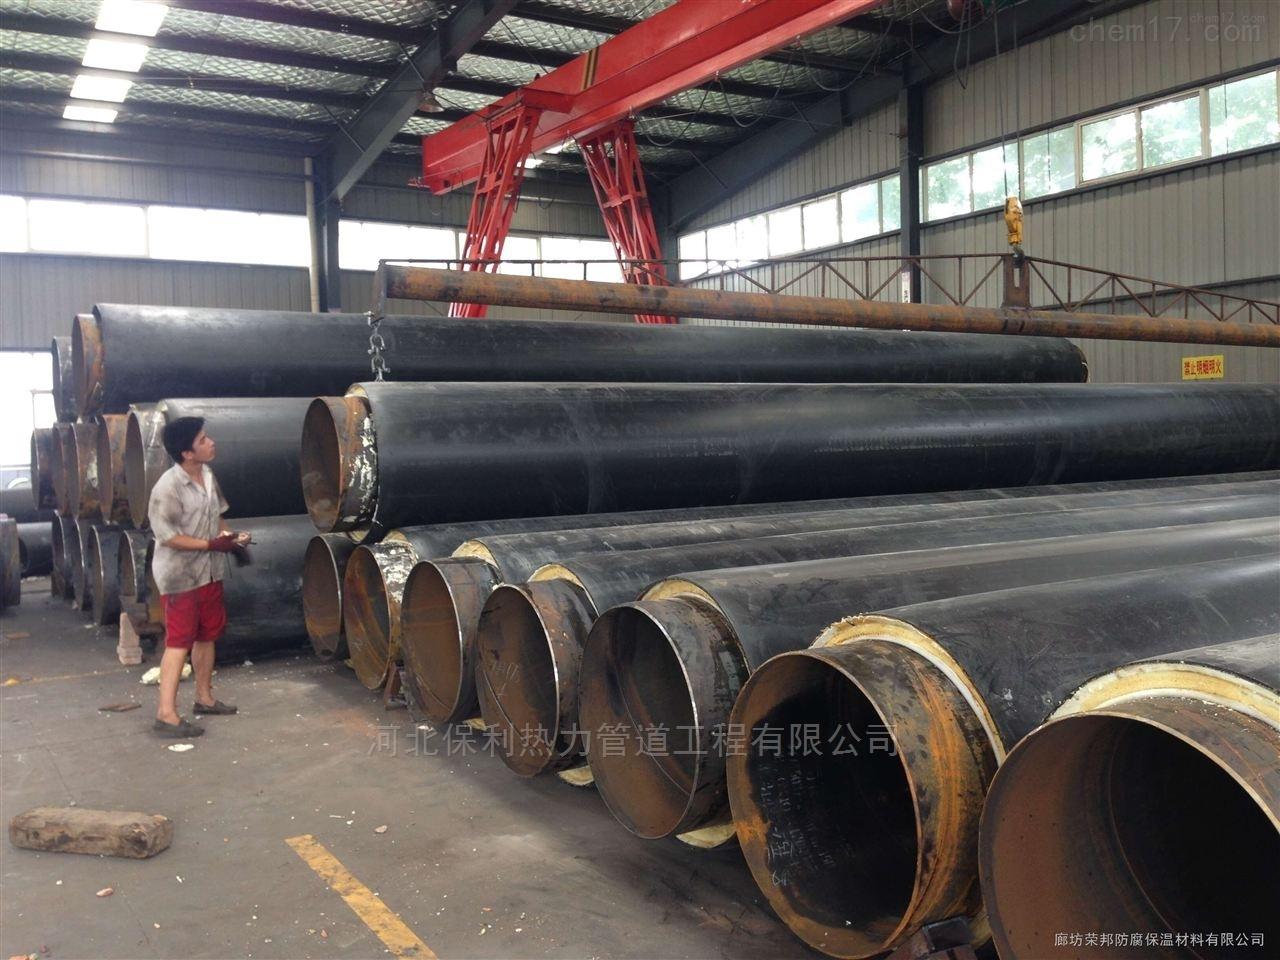 聚氨酯管道保温管厂家,水暖直埋管道市场价